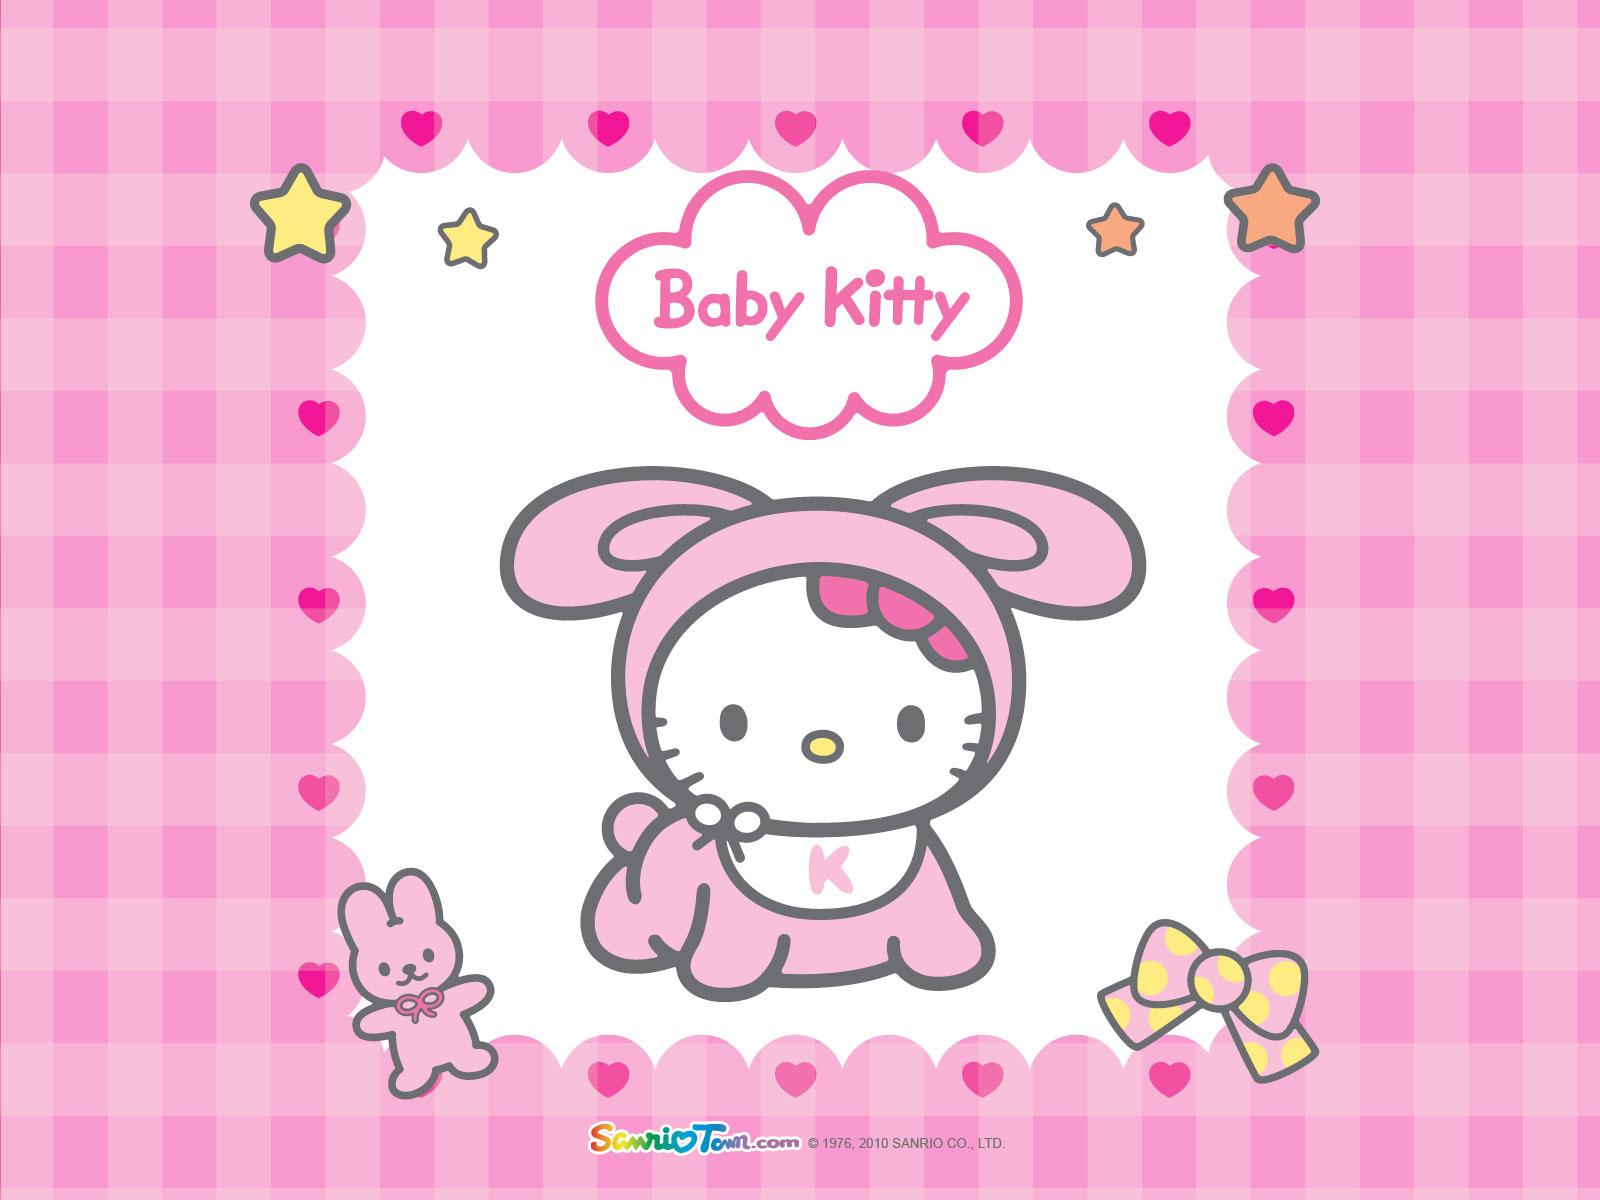 Best Wallpaper Hello Kitty Design - 3169  Trends_803667.jpg